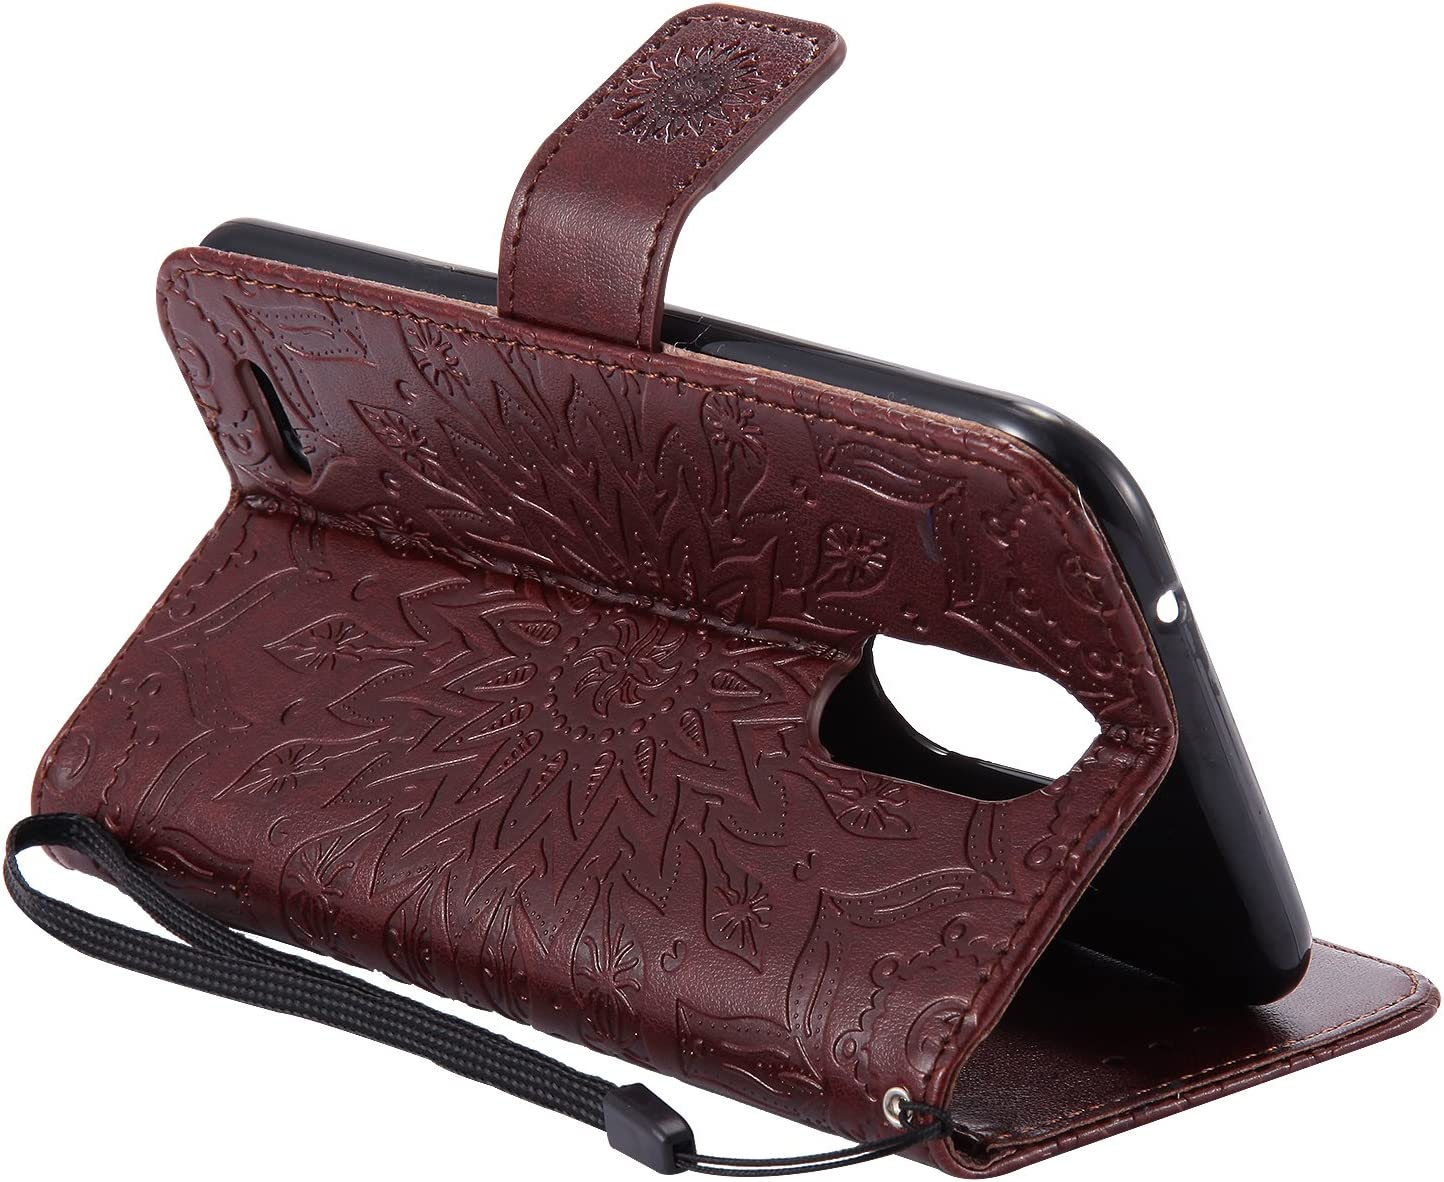 Handy H/ülle Leder Klappbar Brieftasche Schutzh/ülle mit Kartenfach Magnetisch Sto/ßfest Handyh/ülle Flip Case f/ür LG K10 - DOKTU40680 Gr/ün Docrax LG K10 2017//M250N Lederh/ülle 2017